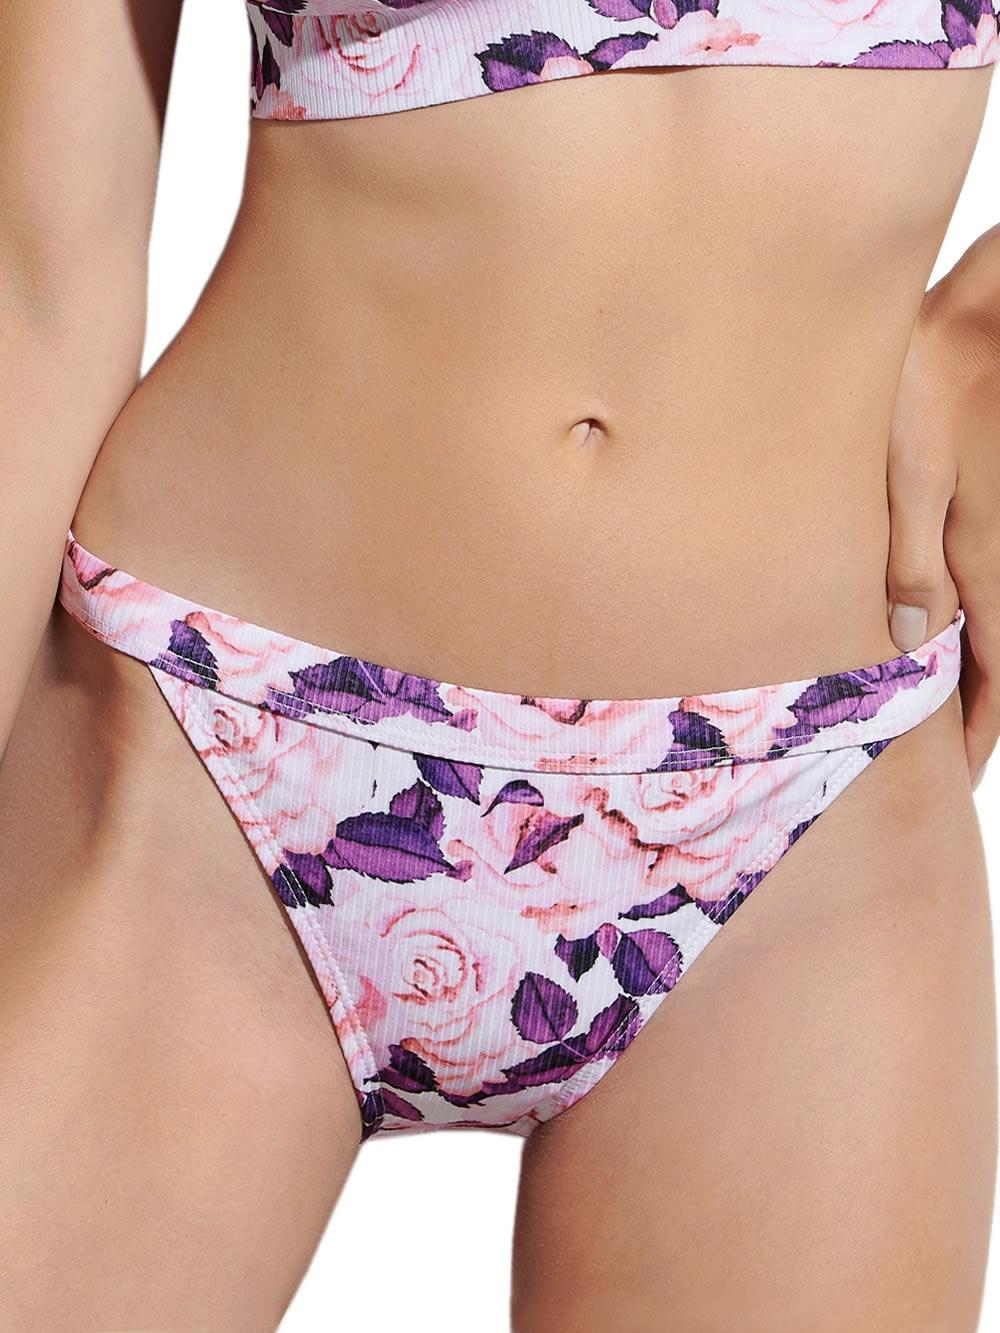 Μαγιό BLU4U Blush - Bikini Κανονικό Κοφτό - Rib Ύφασμα - Καλοκαίρι 2021